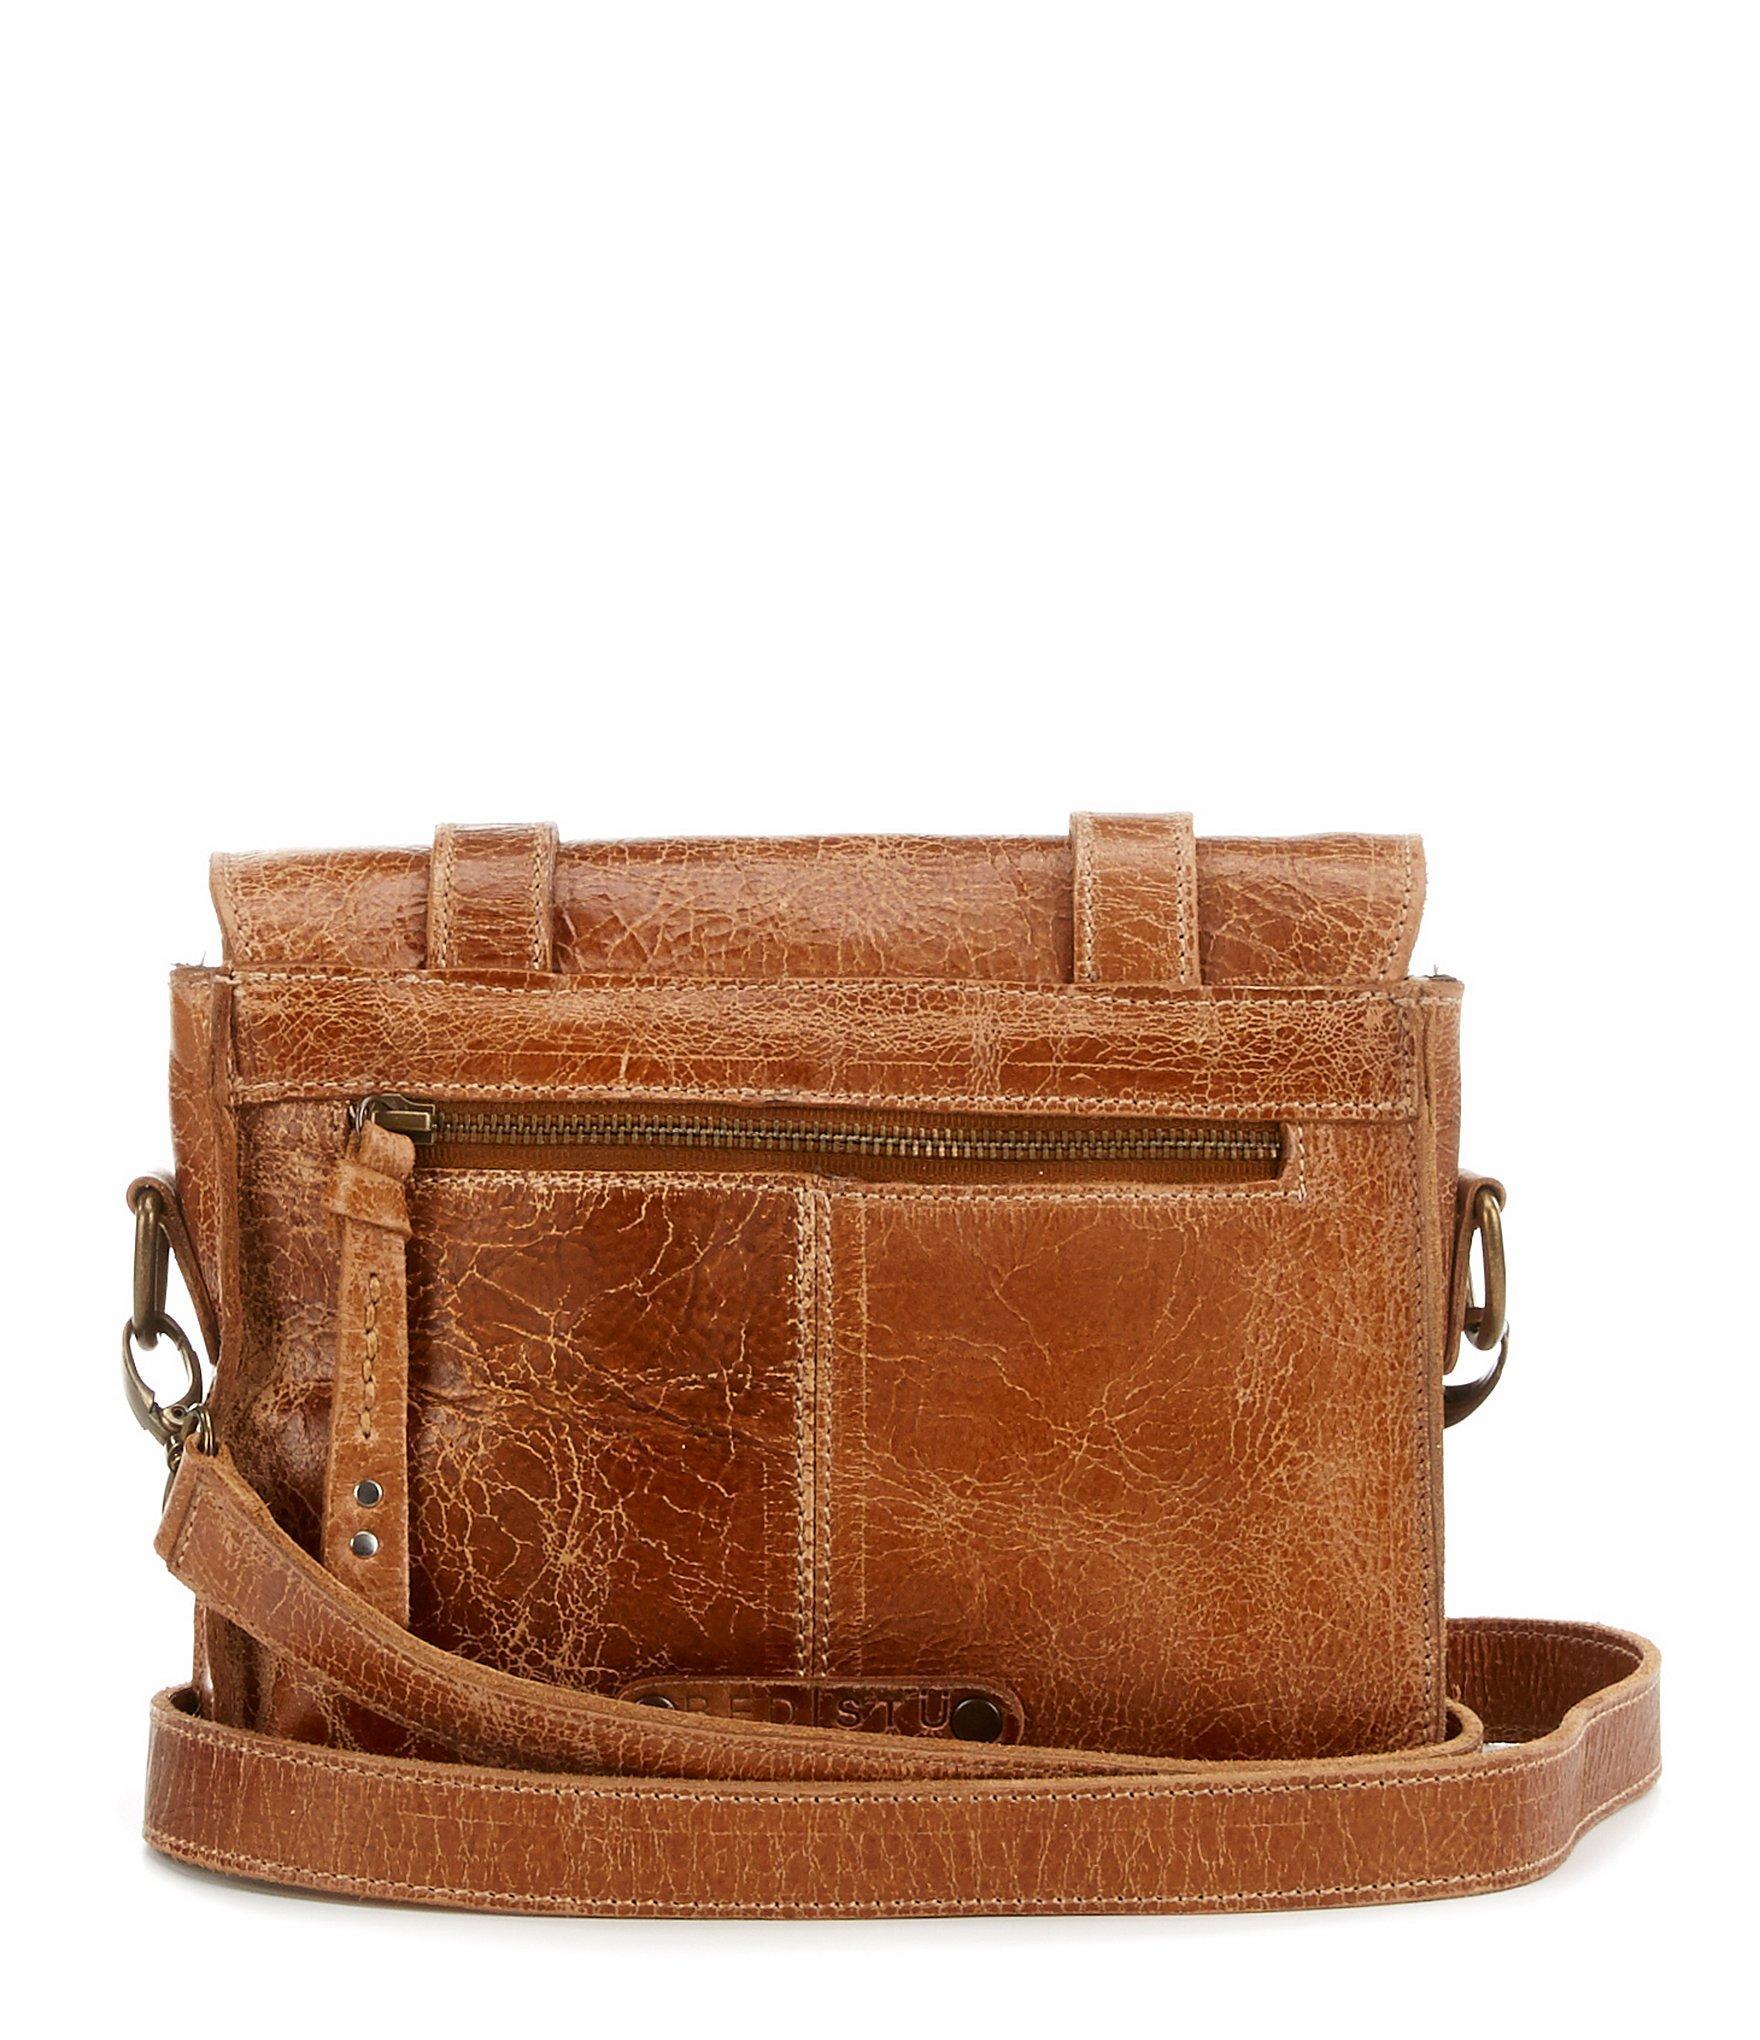 lyst bed stu tiffany double buckle messenger bag in brown for men. Black Bedroom Furniture Sets. Home Design Ideas